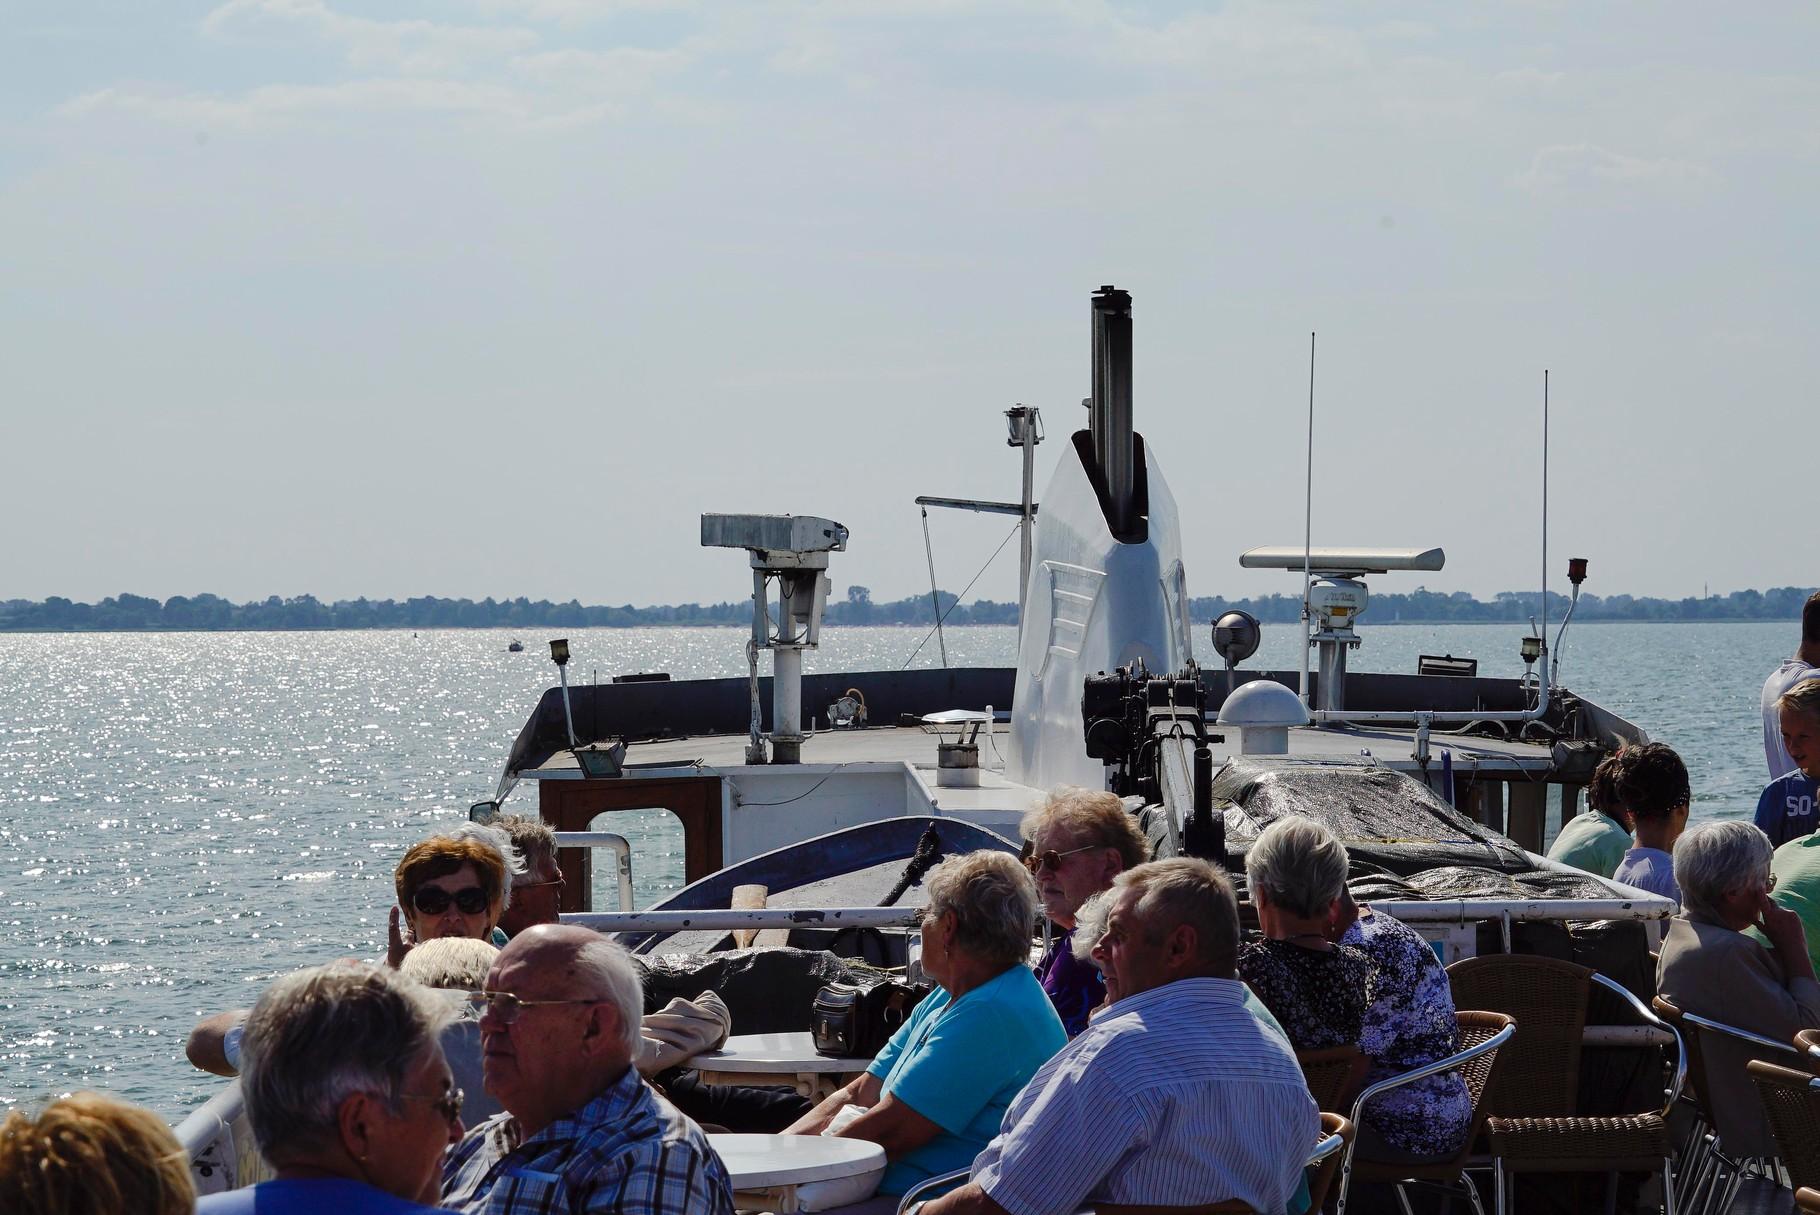 Nach dem Mittagessen gab es eine Schiffsrundfahrt auf dem Stettiner Haff.